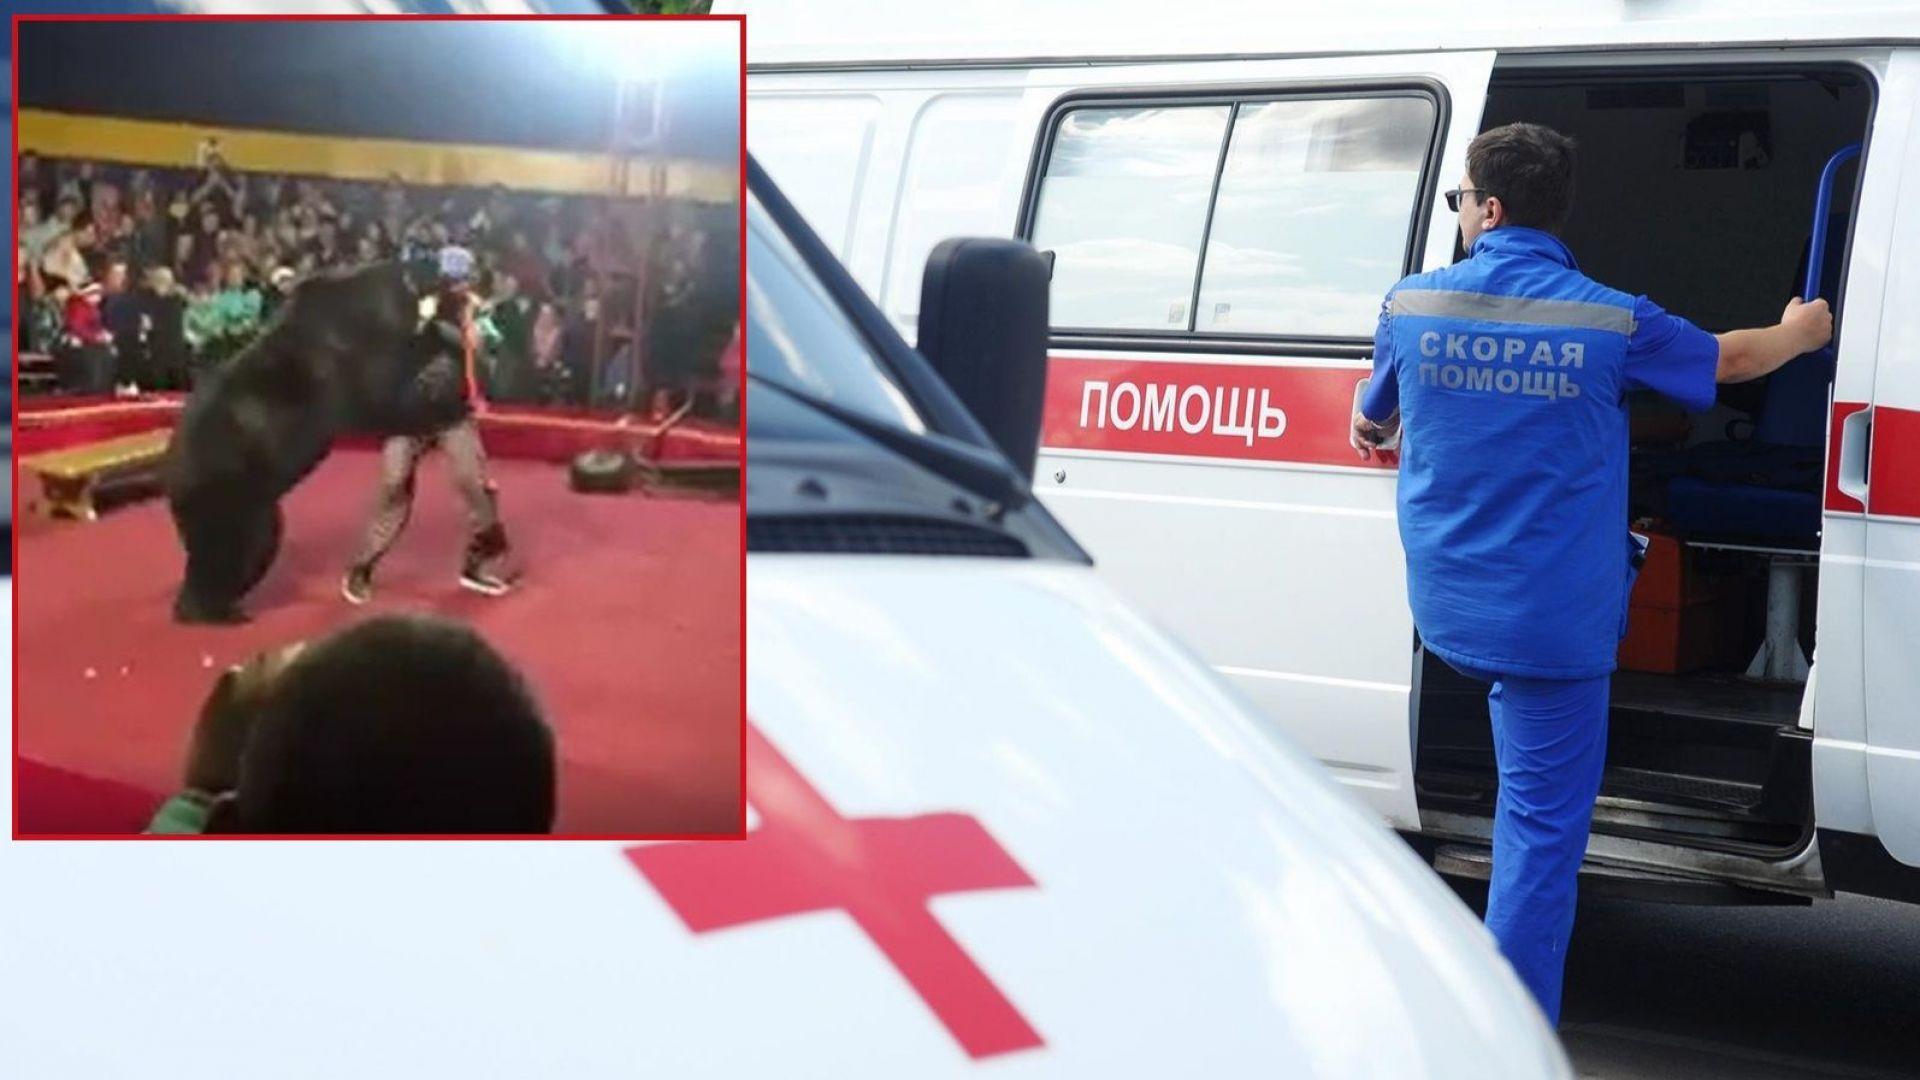 Мечка нападна дресьор пред очите на зрителите в руски цирк (видео 18+)